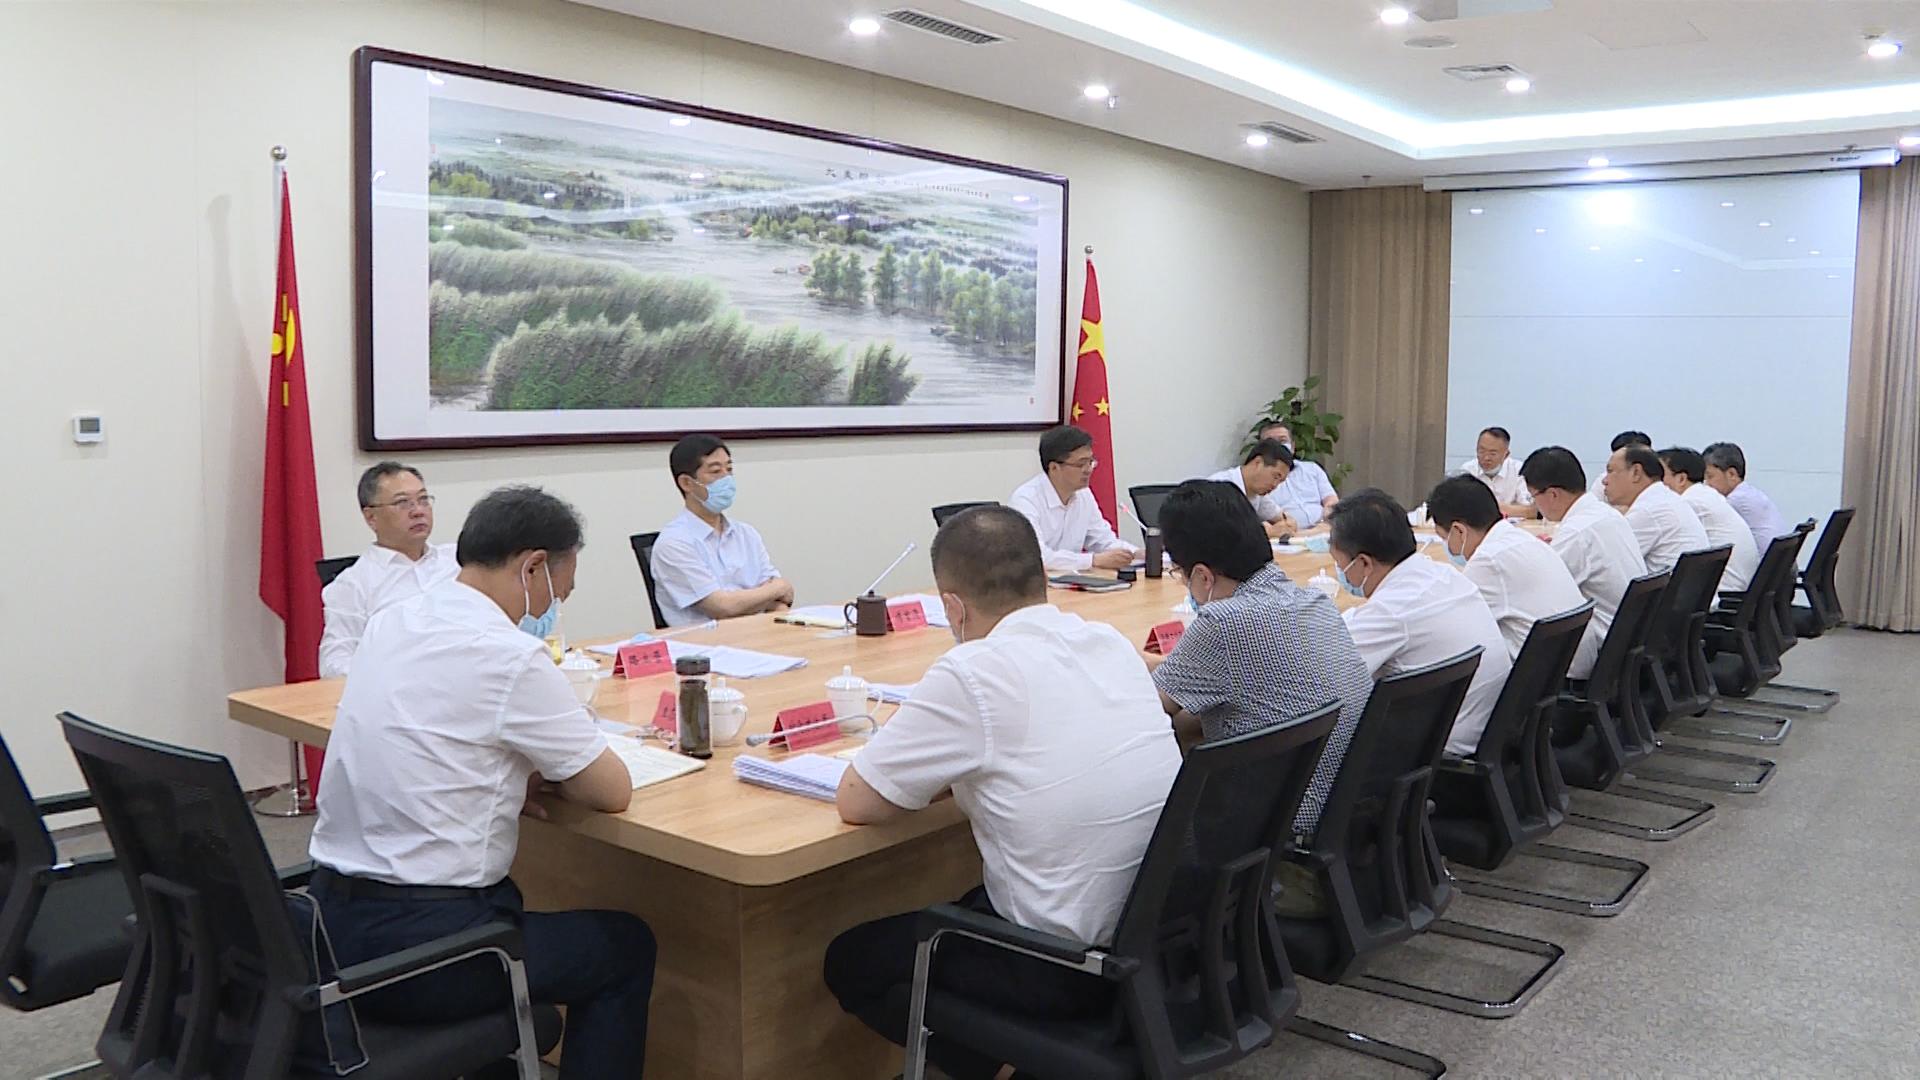 雄安新区党工委召开外事工作委员会全体会议